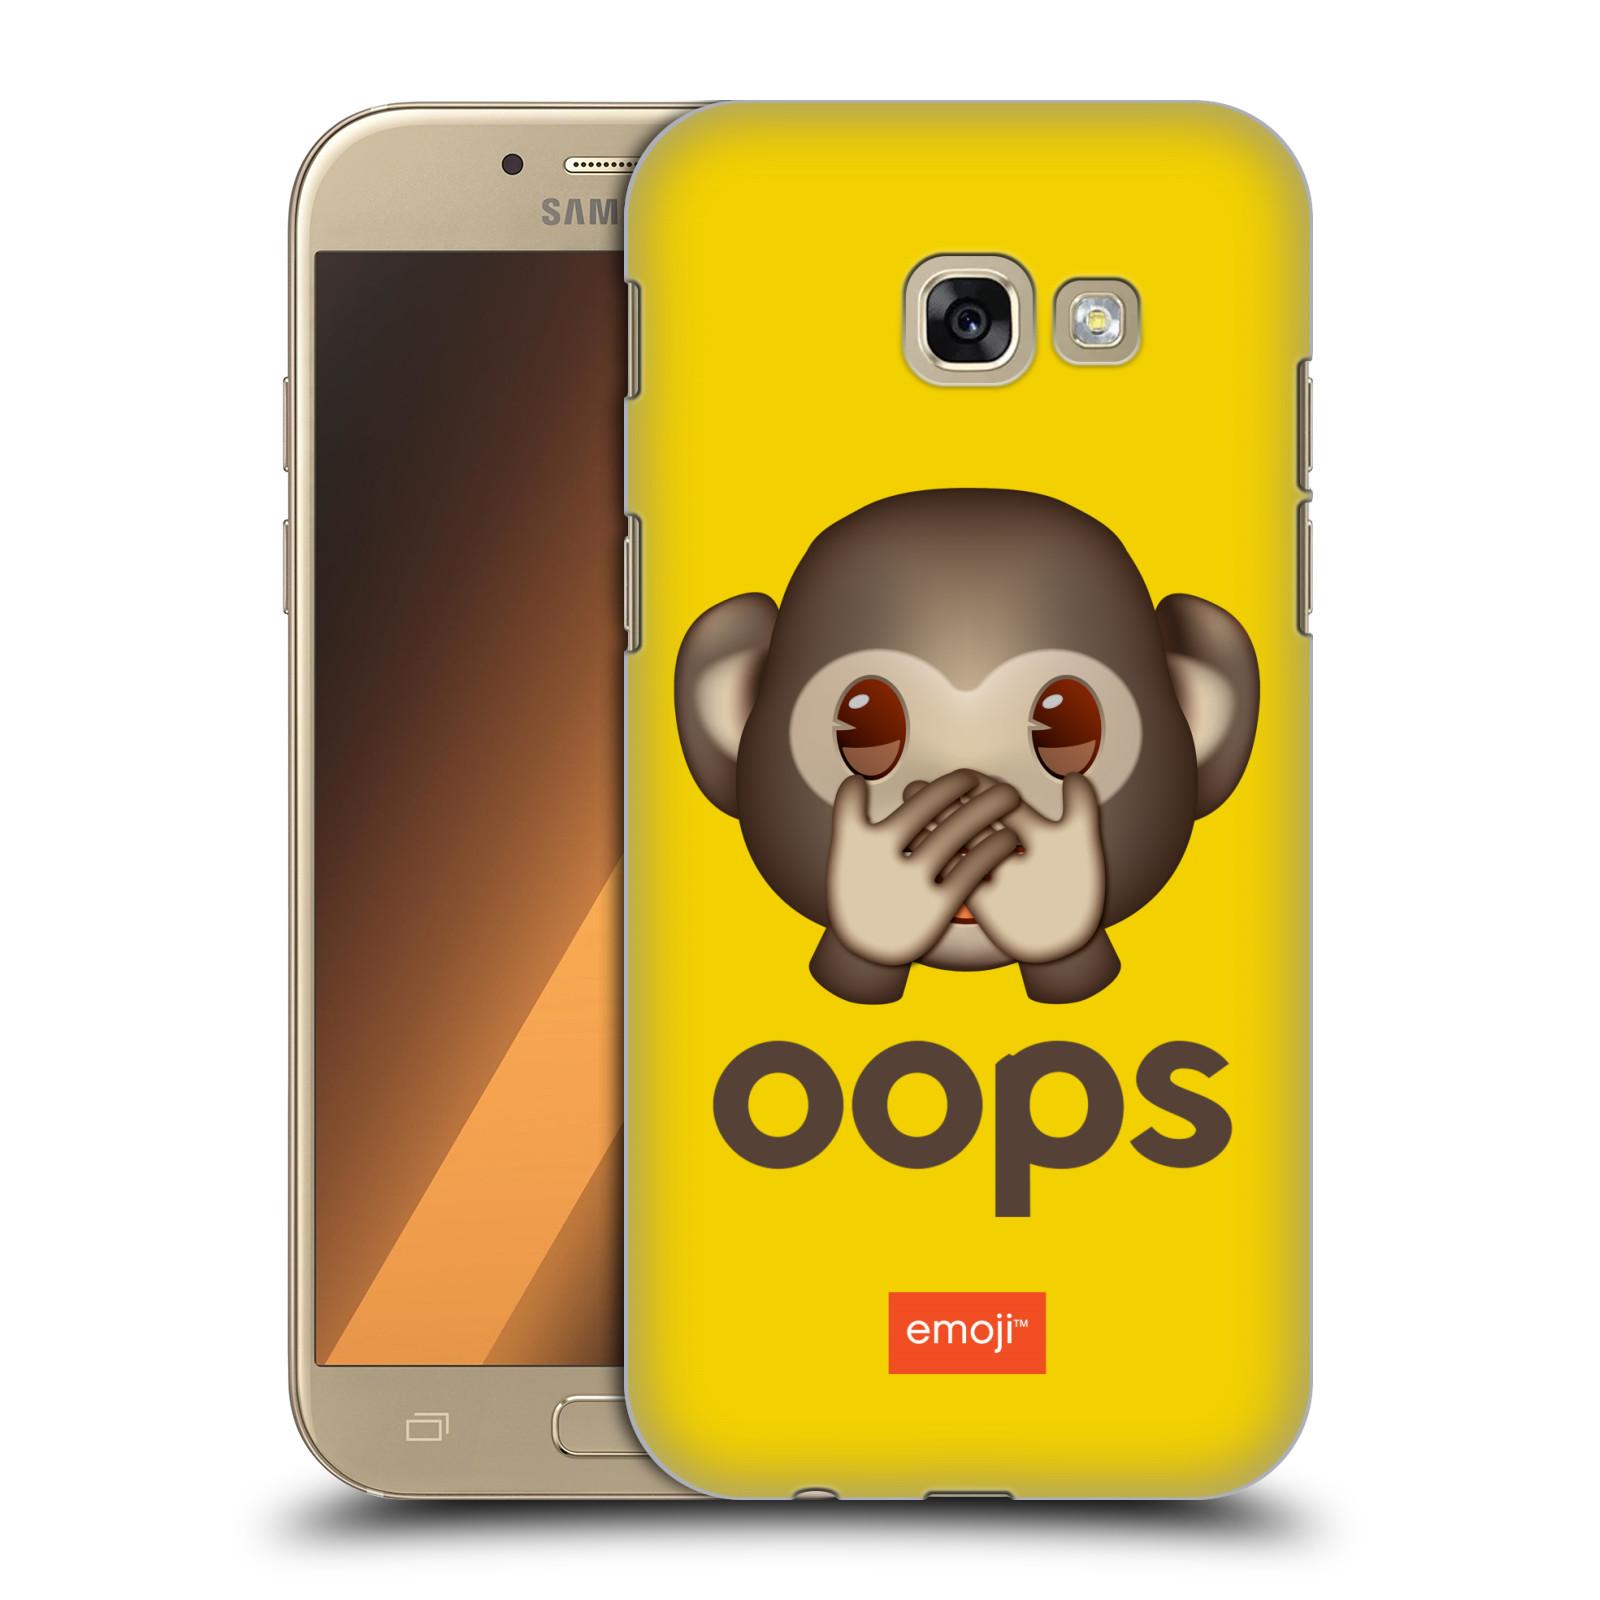 Plastové pouzdro na mobil Samsung Galaxy A5 (2017) HEAD CASE EMOJI - Opička OOPS